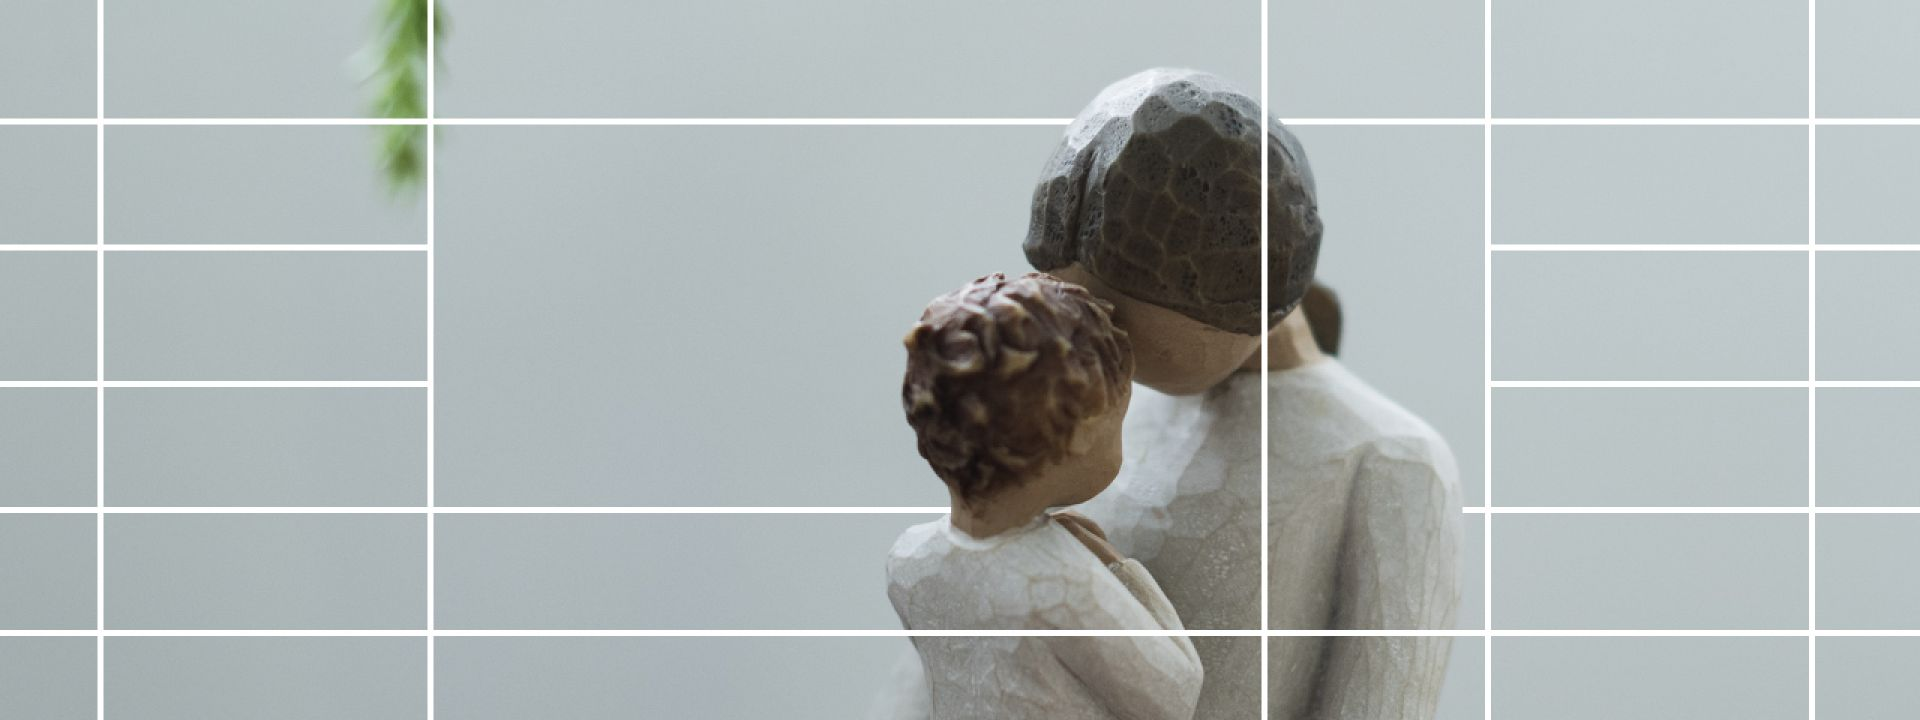 Η αρχή της ζωής: Διαλέξεις για τα πρώτα βήματα του ανθρώπου - Η Μητρότητα - Εικόνα